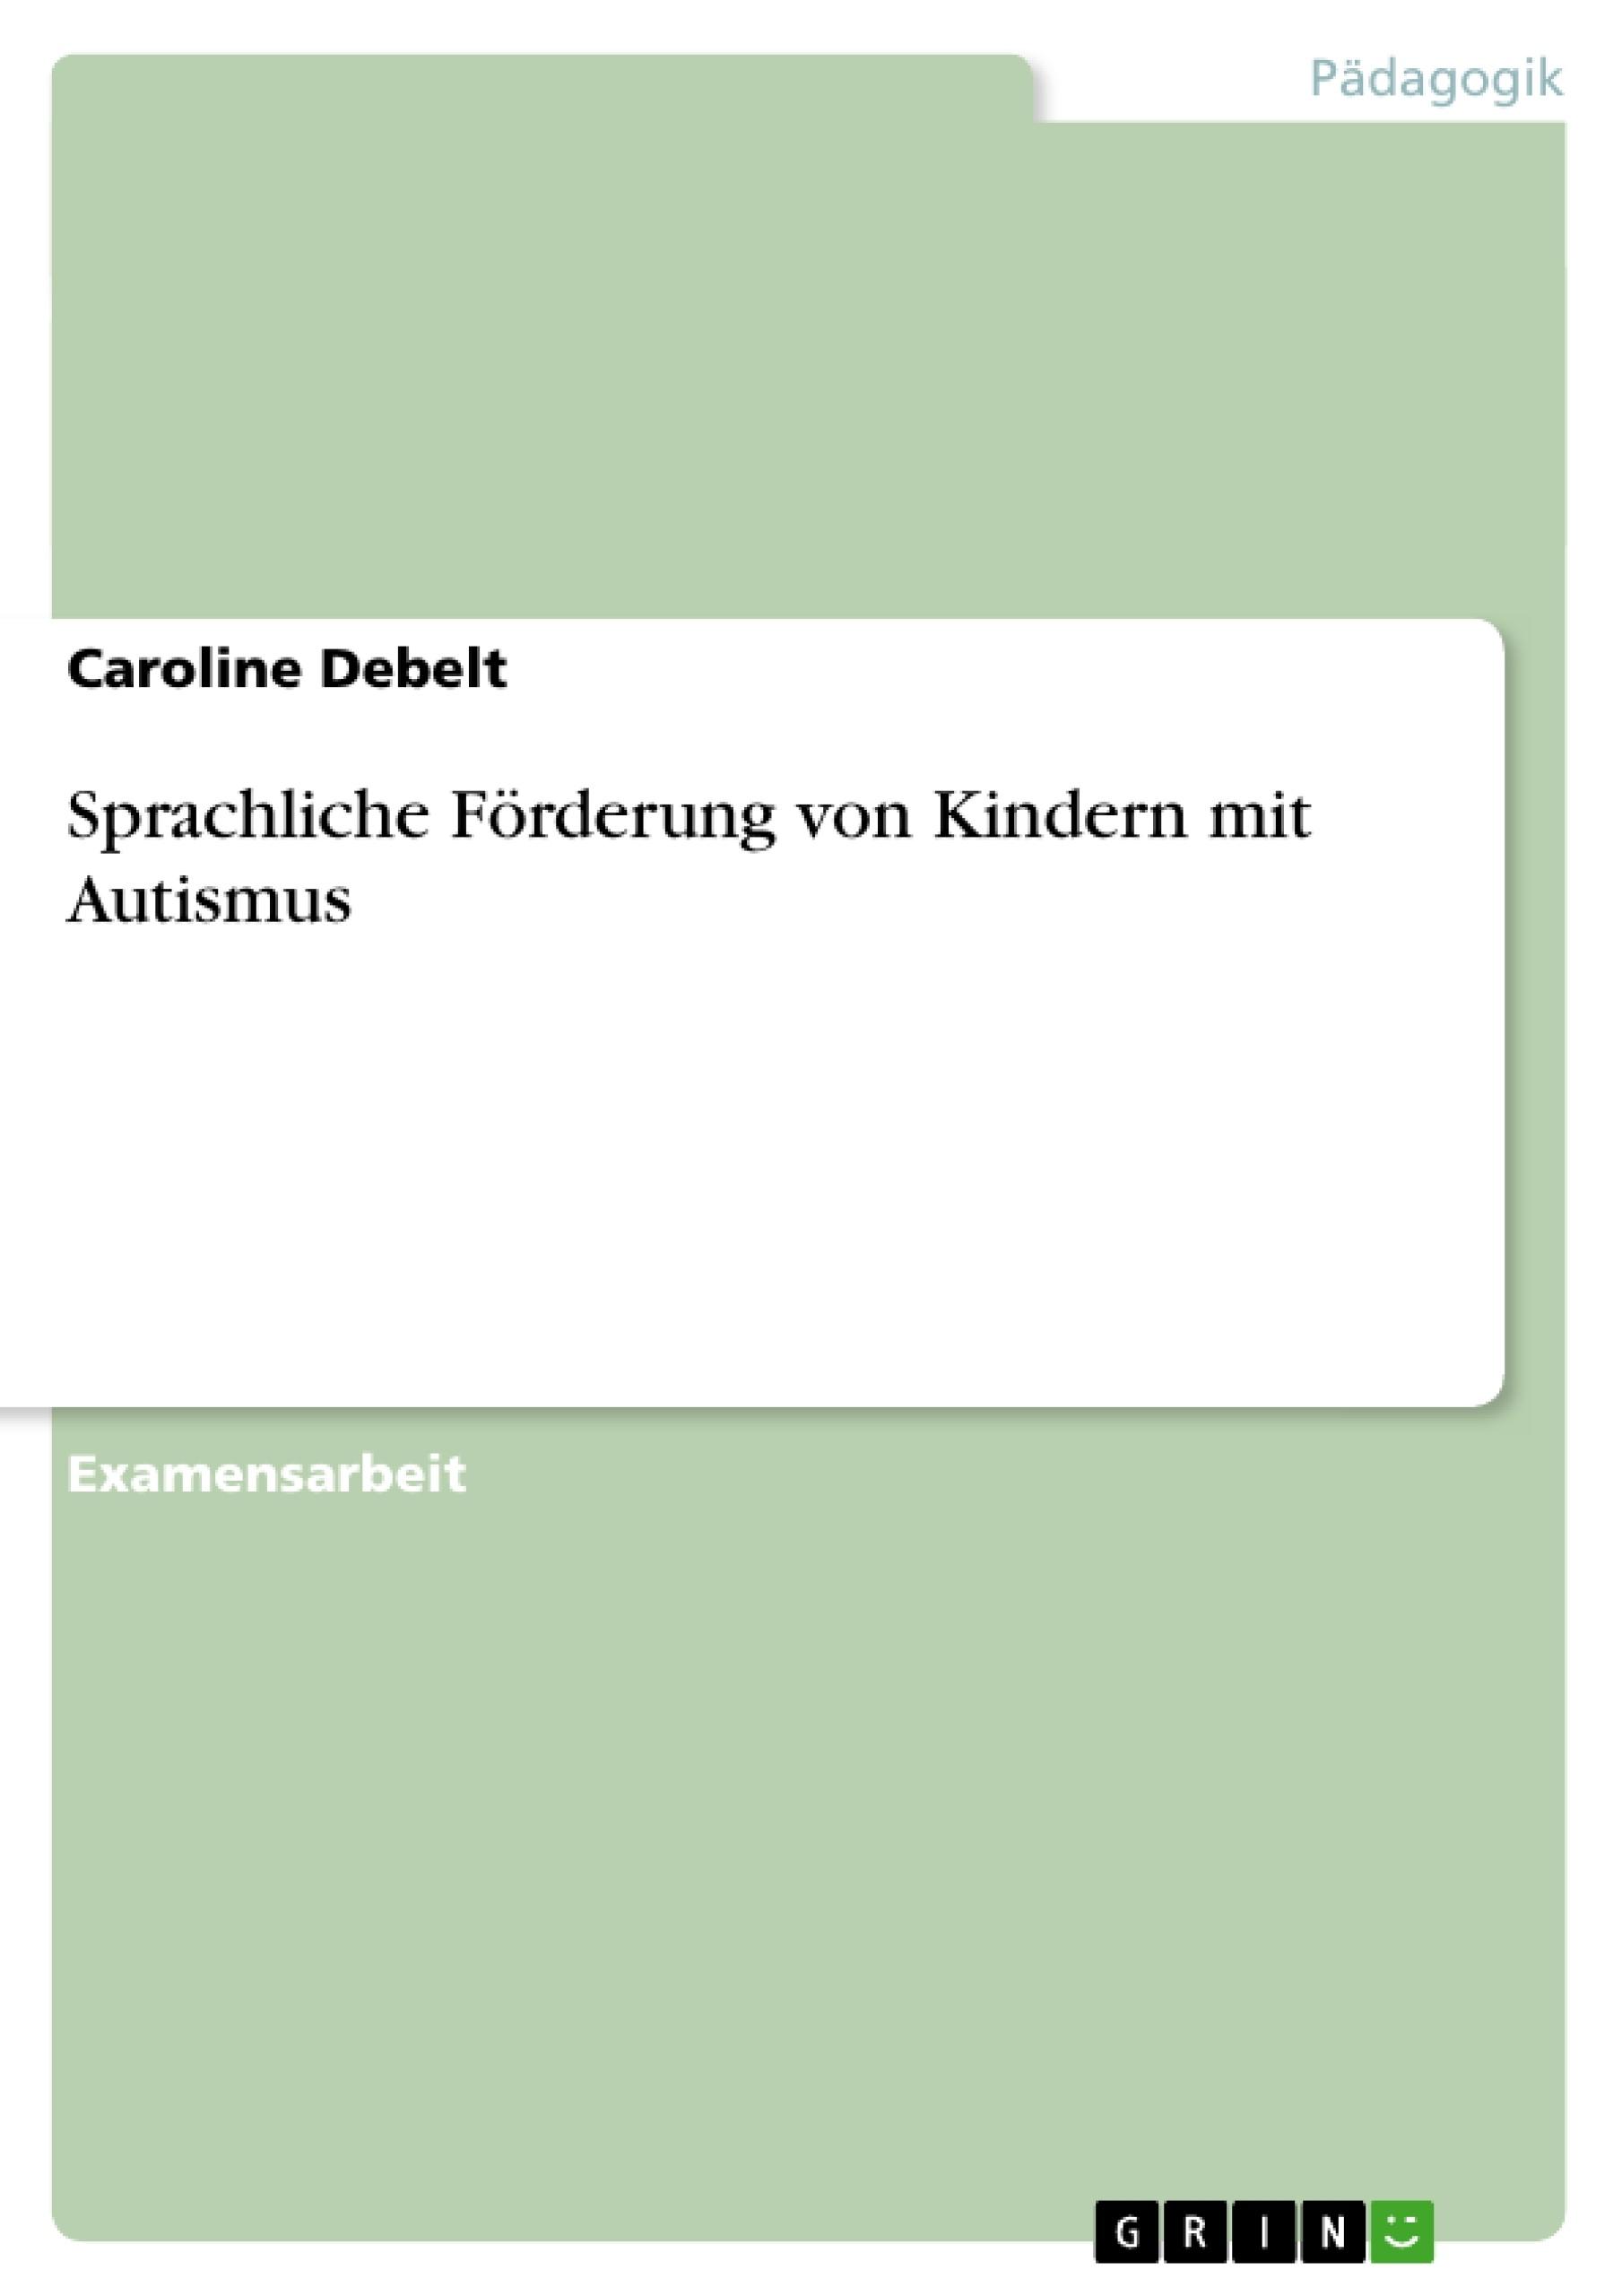 Titel: Sprachliche Förderung von Kindern mit Autismus